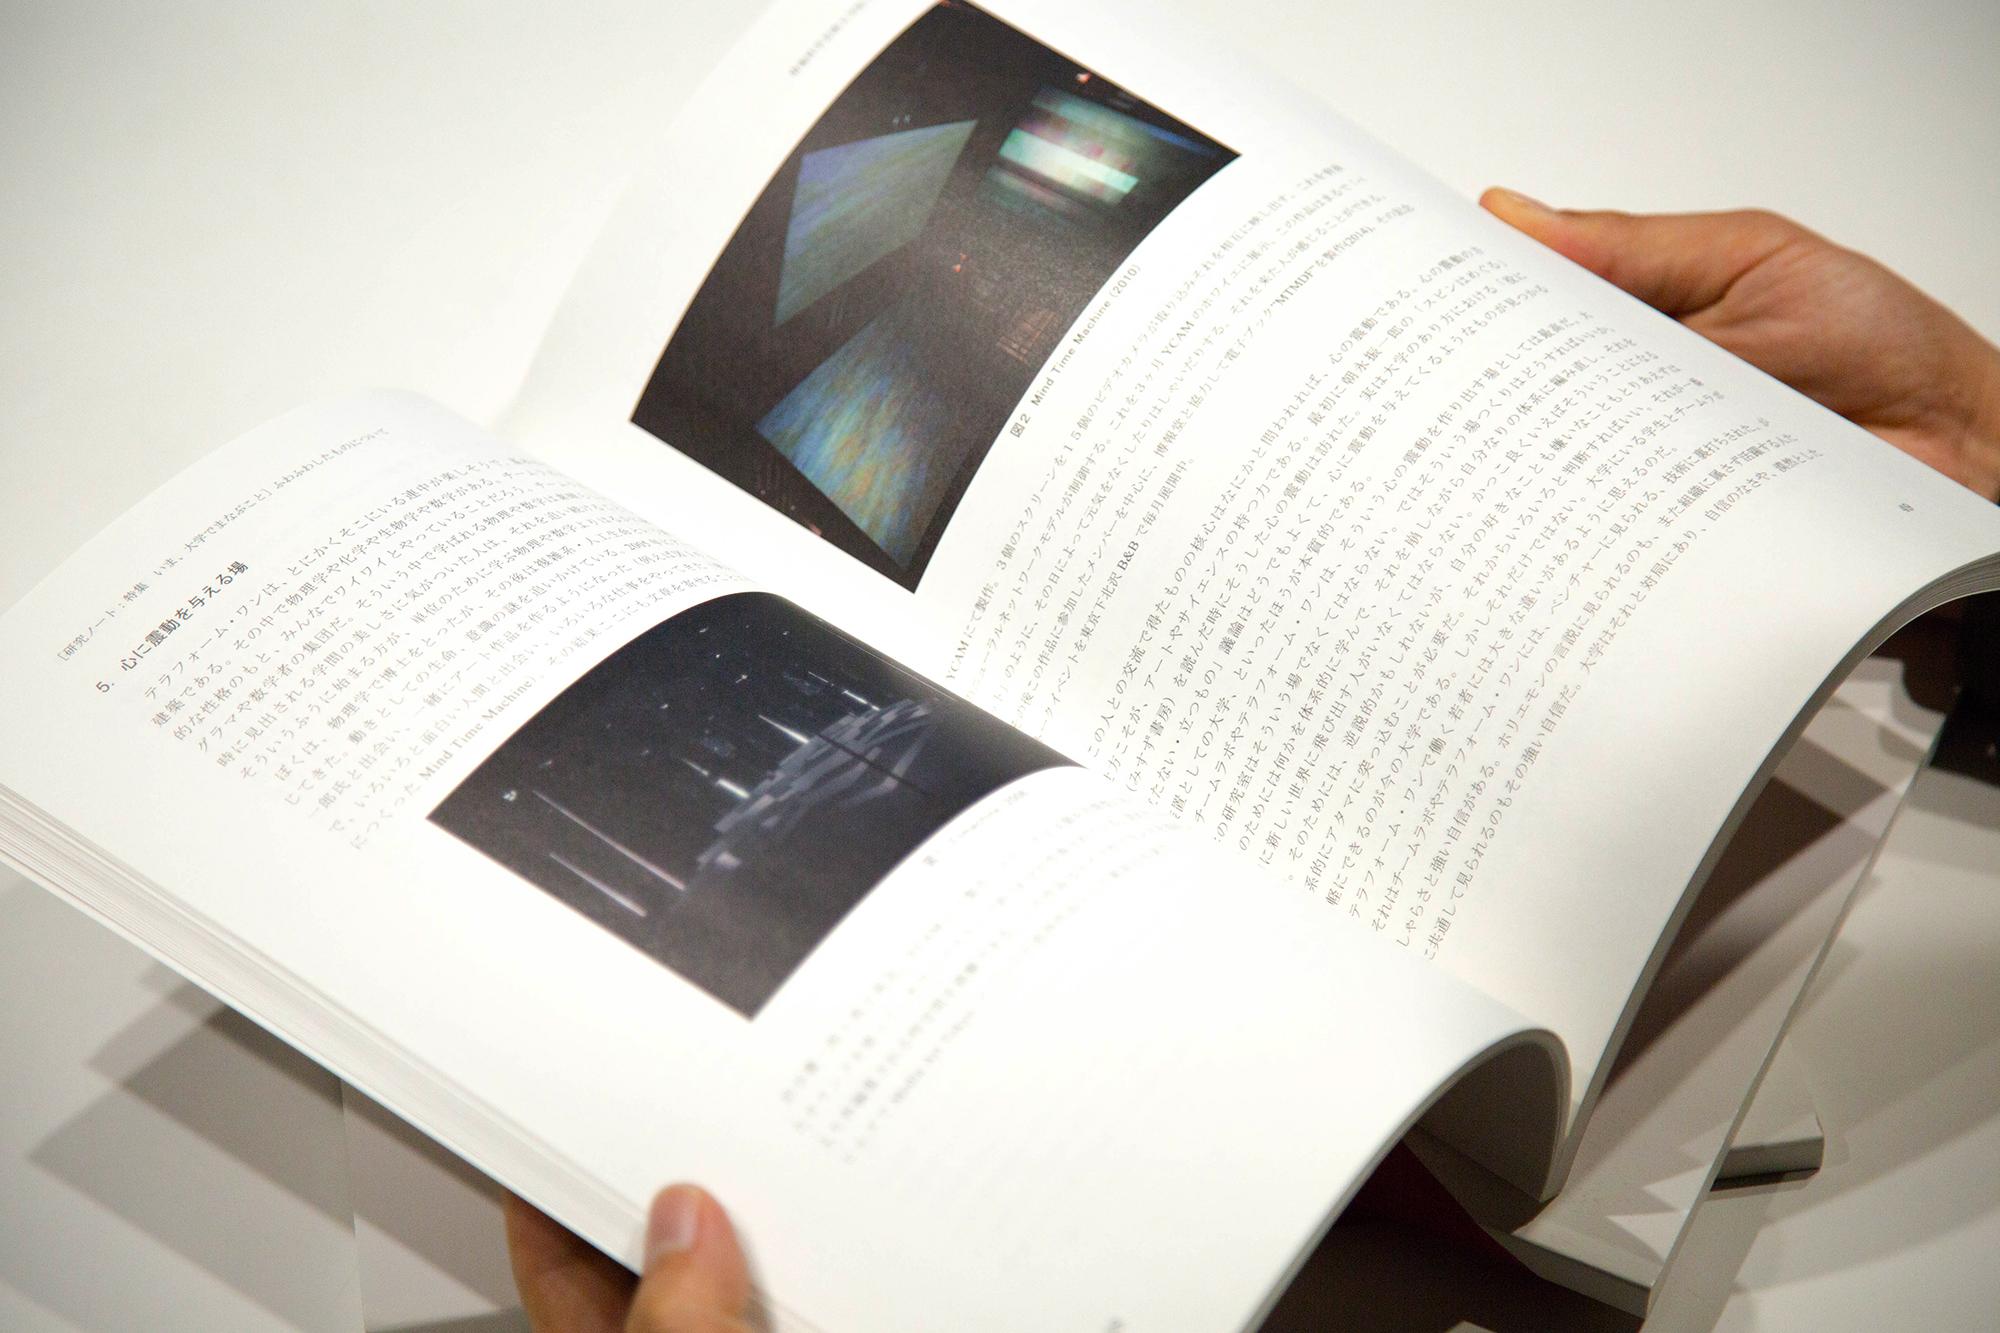 情報科学芸術大学院大学紀要 第6巻イメージ